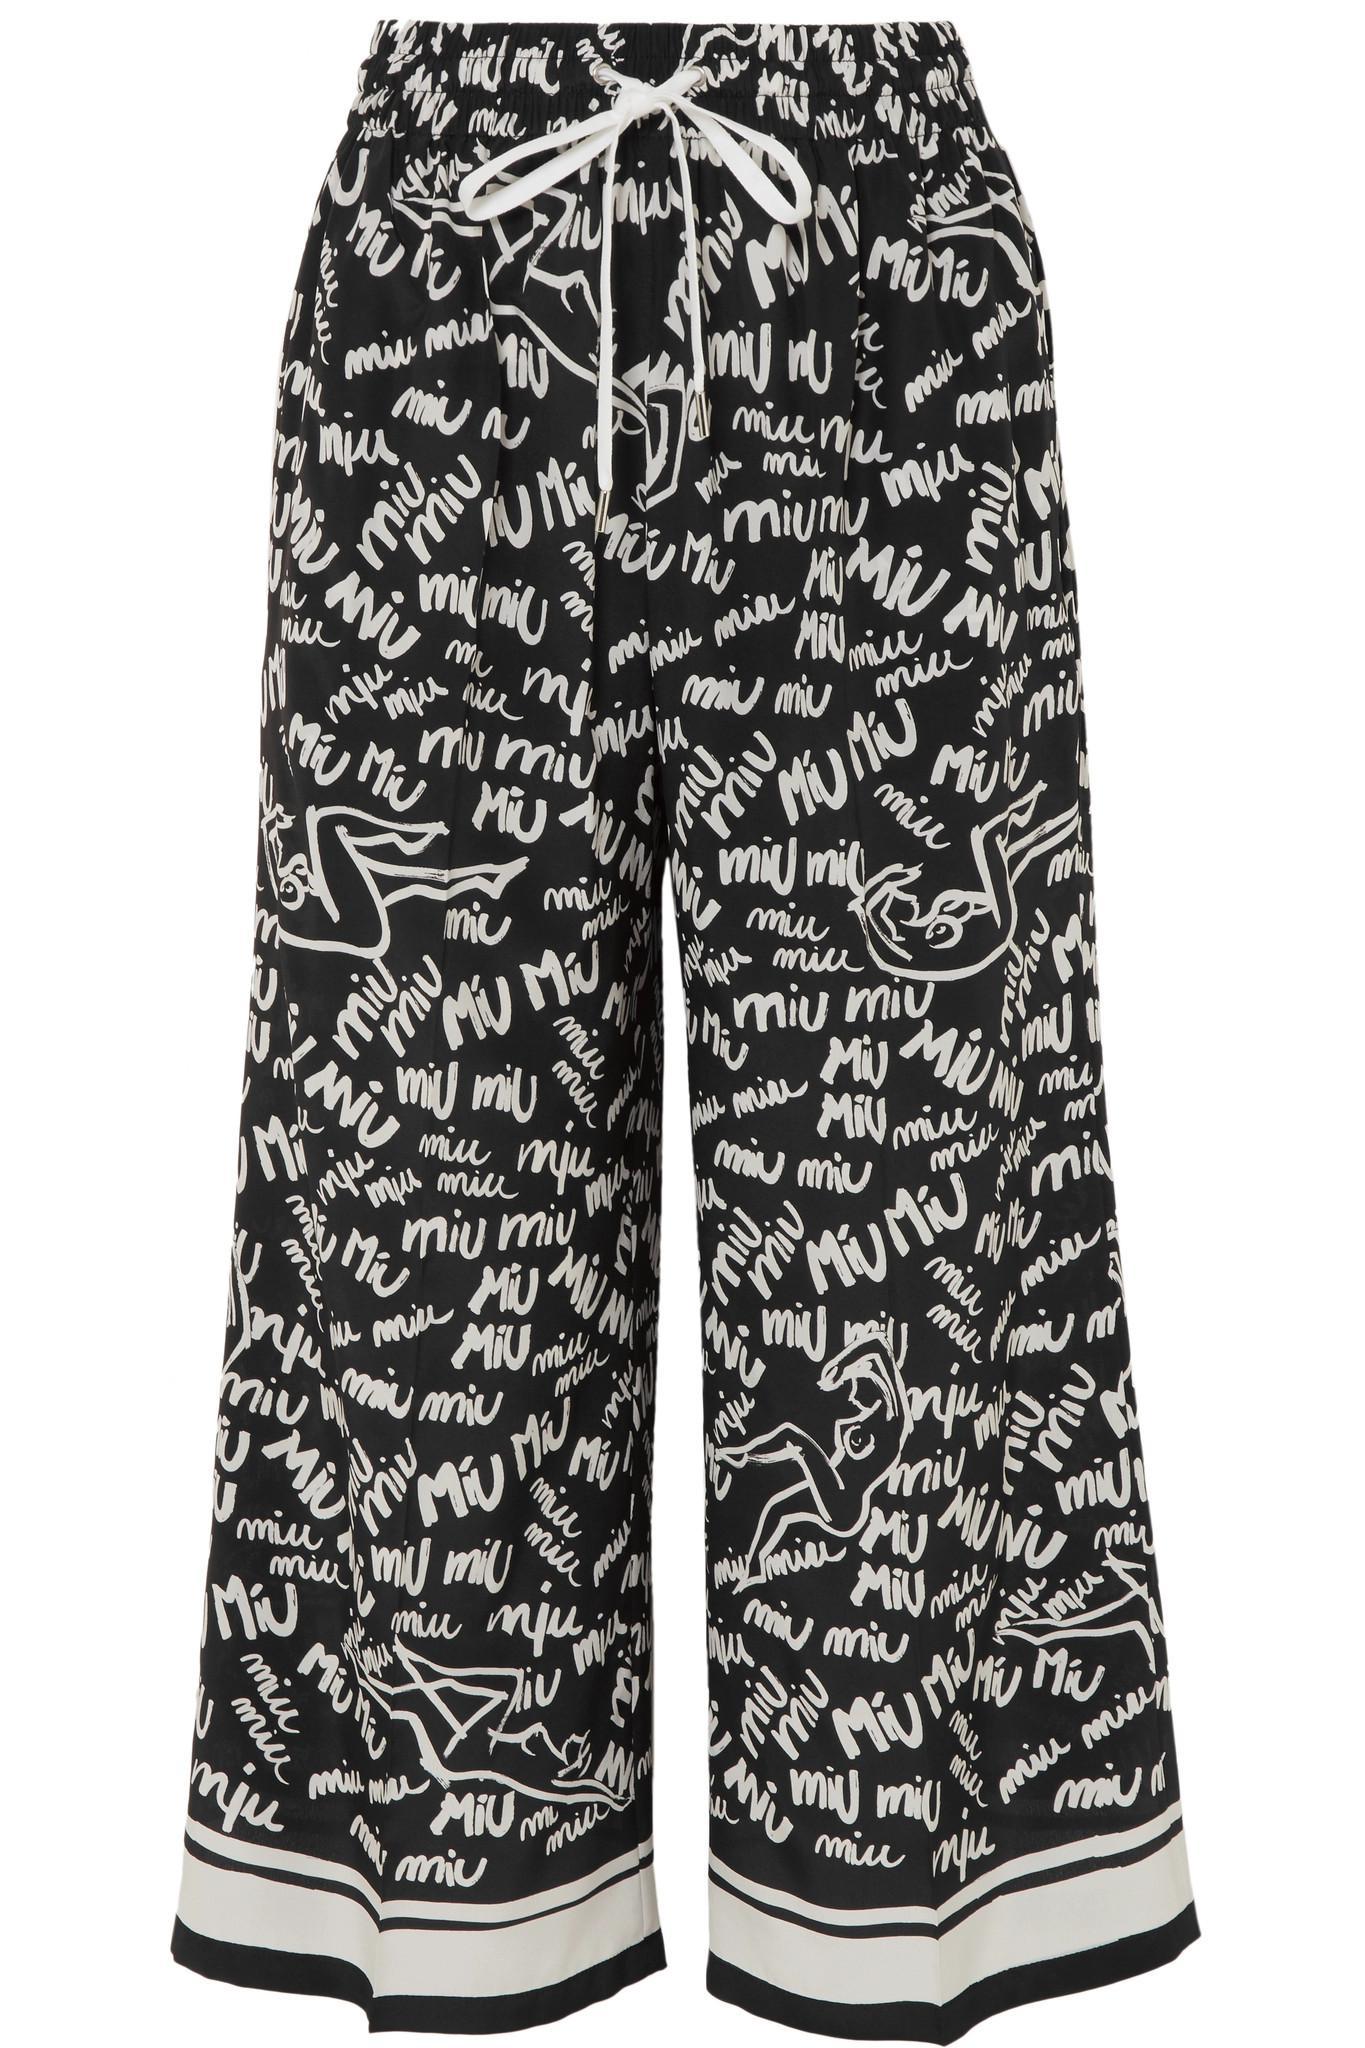 Printed Crepe Wide-leg Pants - Black Miu Miu Buy Cheap Brand New Unisex Discount Wide Range Of For Cheap Discount Buy Cheap Free Shipping Pre Order Sale Online 4S60t